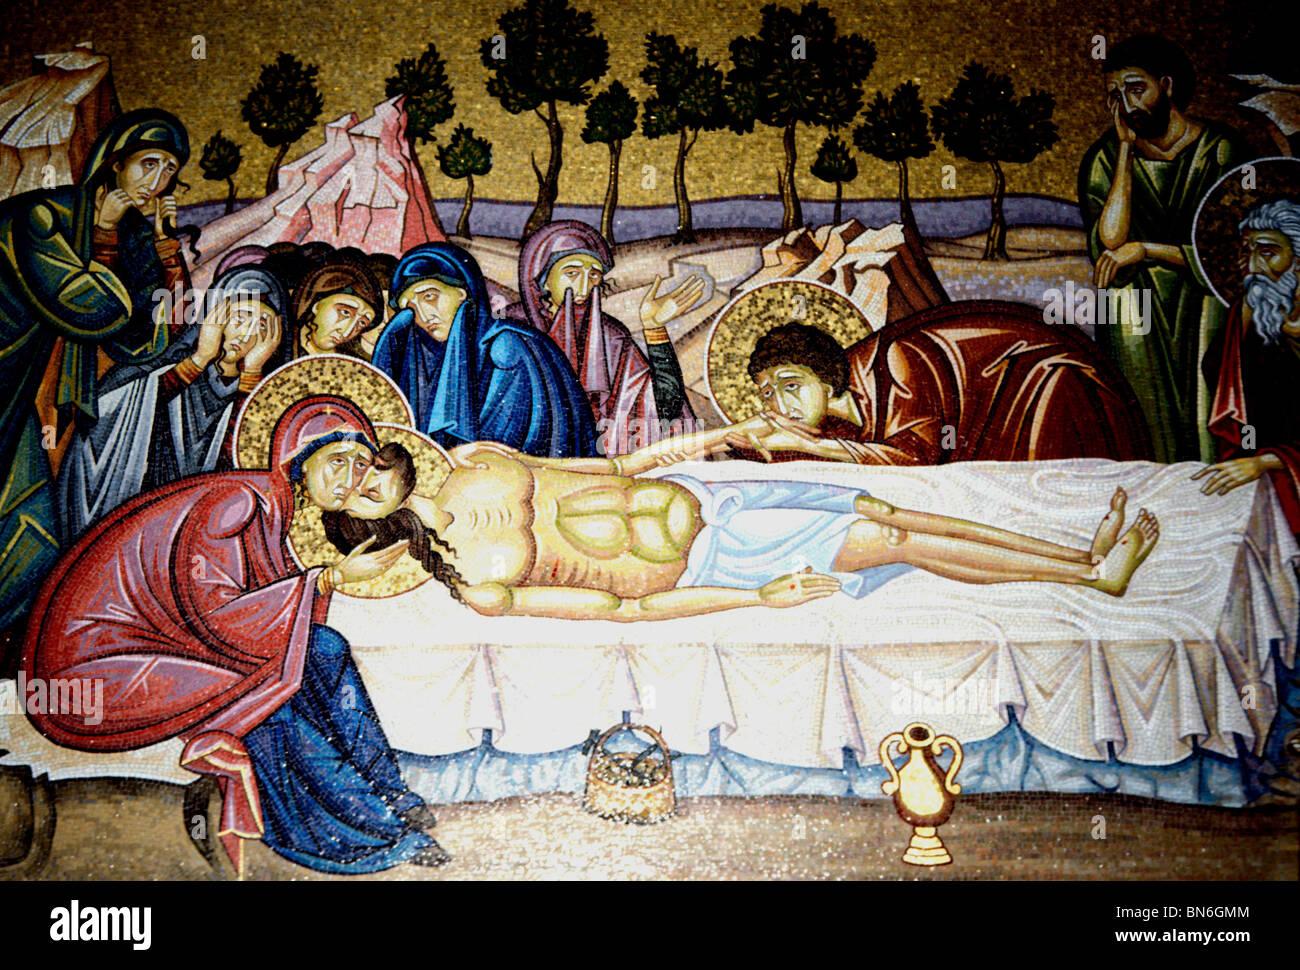 Stein von der Salbung, Gemälde von Christus nach seiner Kreuzigung, Kirche Grabeskirche, Jerusalem Stockbild